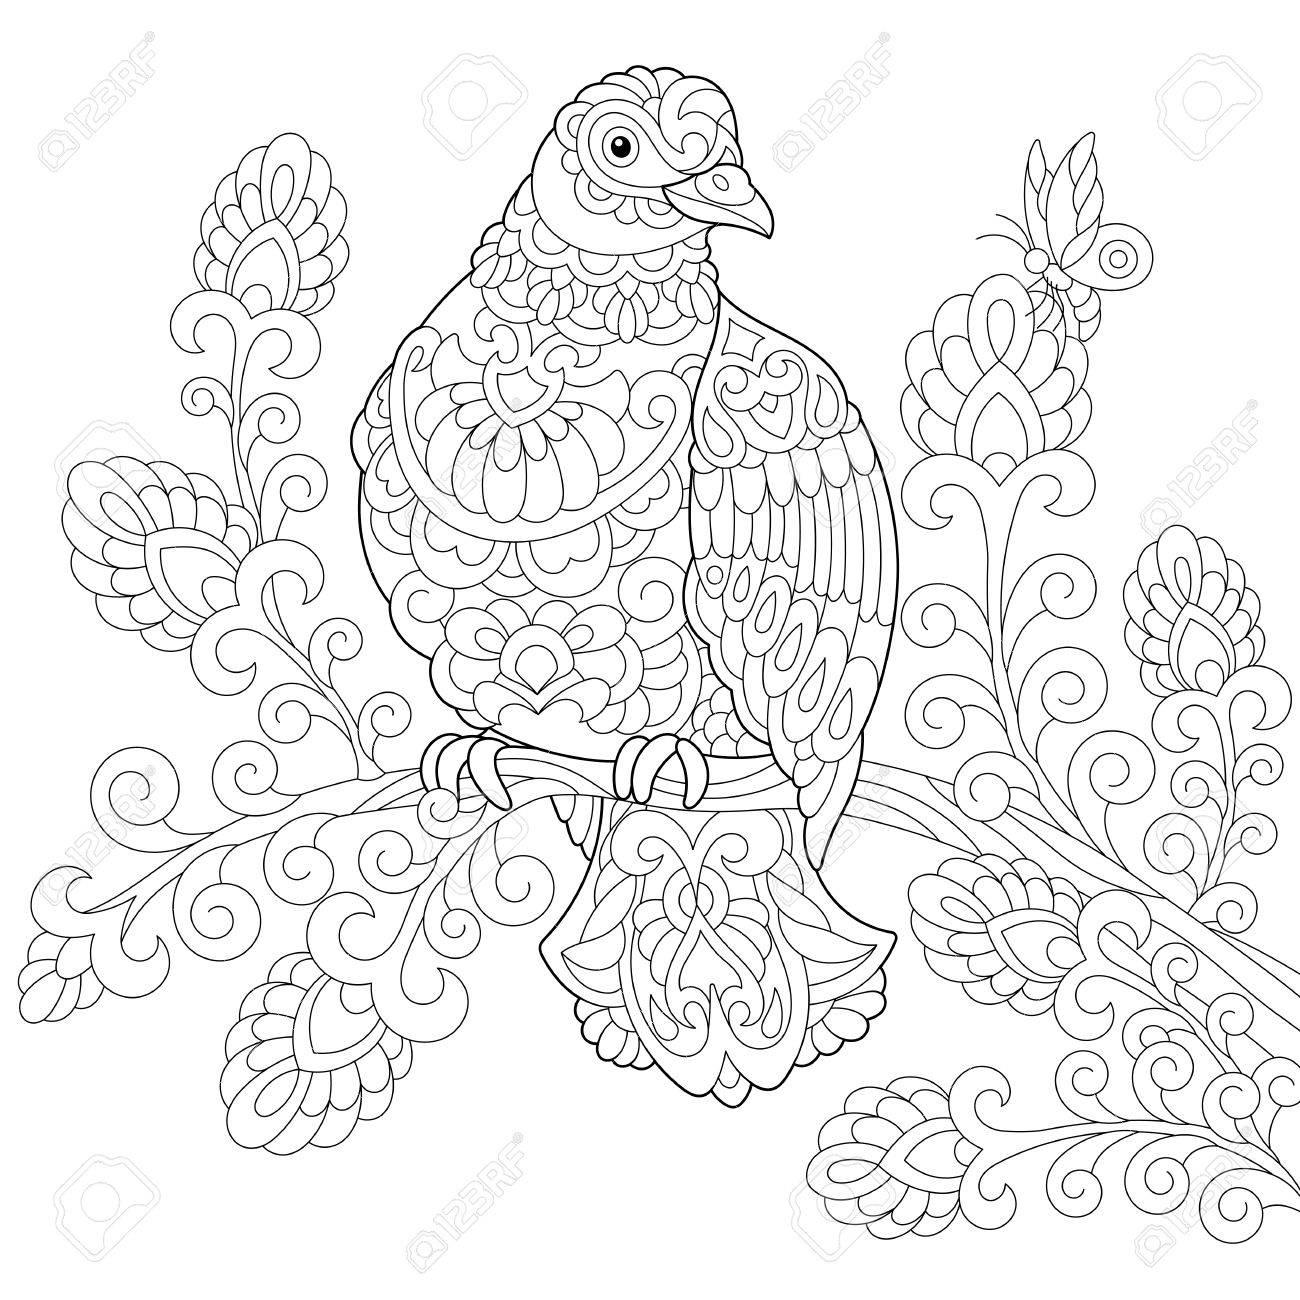 ハト ピジョン 鳥のぬりえフリーハンド スケッチ落書きと Zentangle